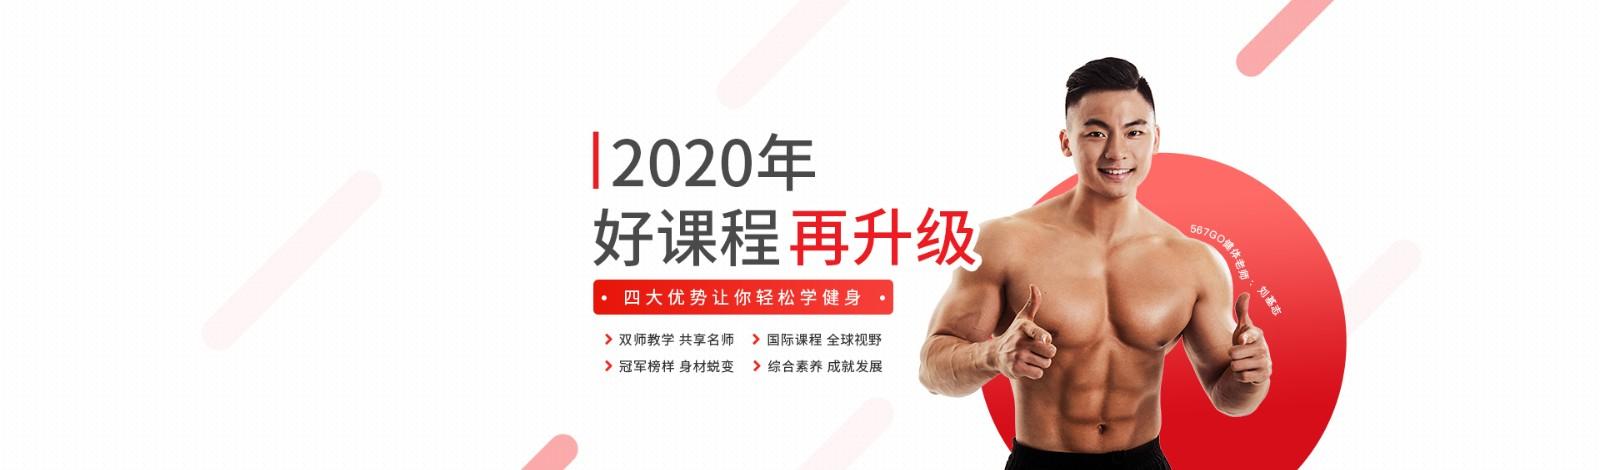 上海567GO健身学院 横幅广告